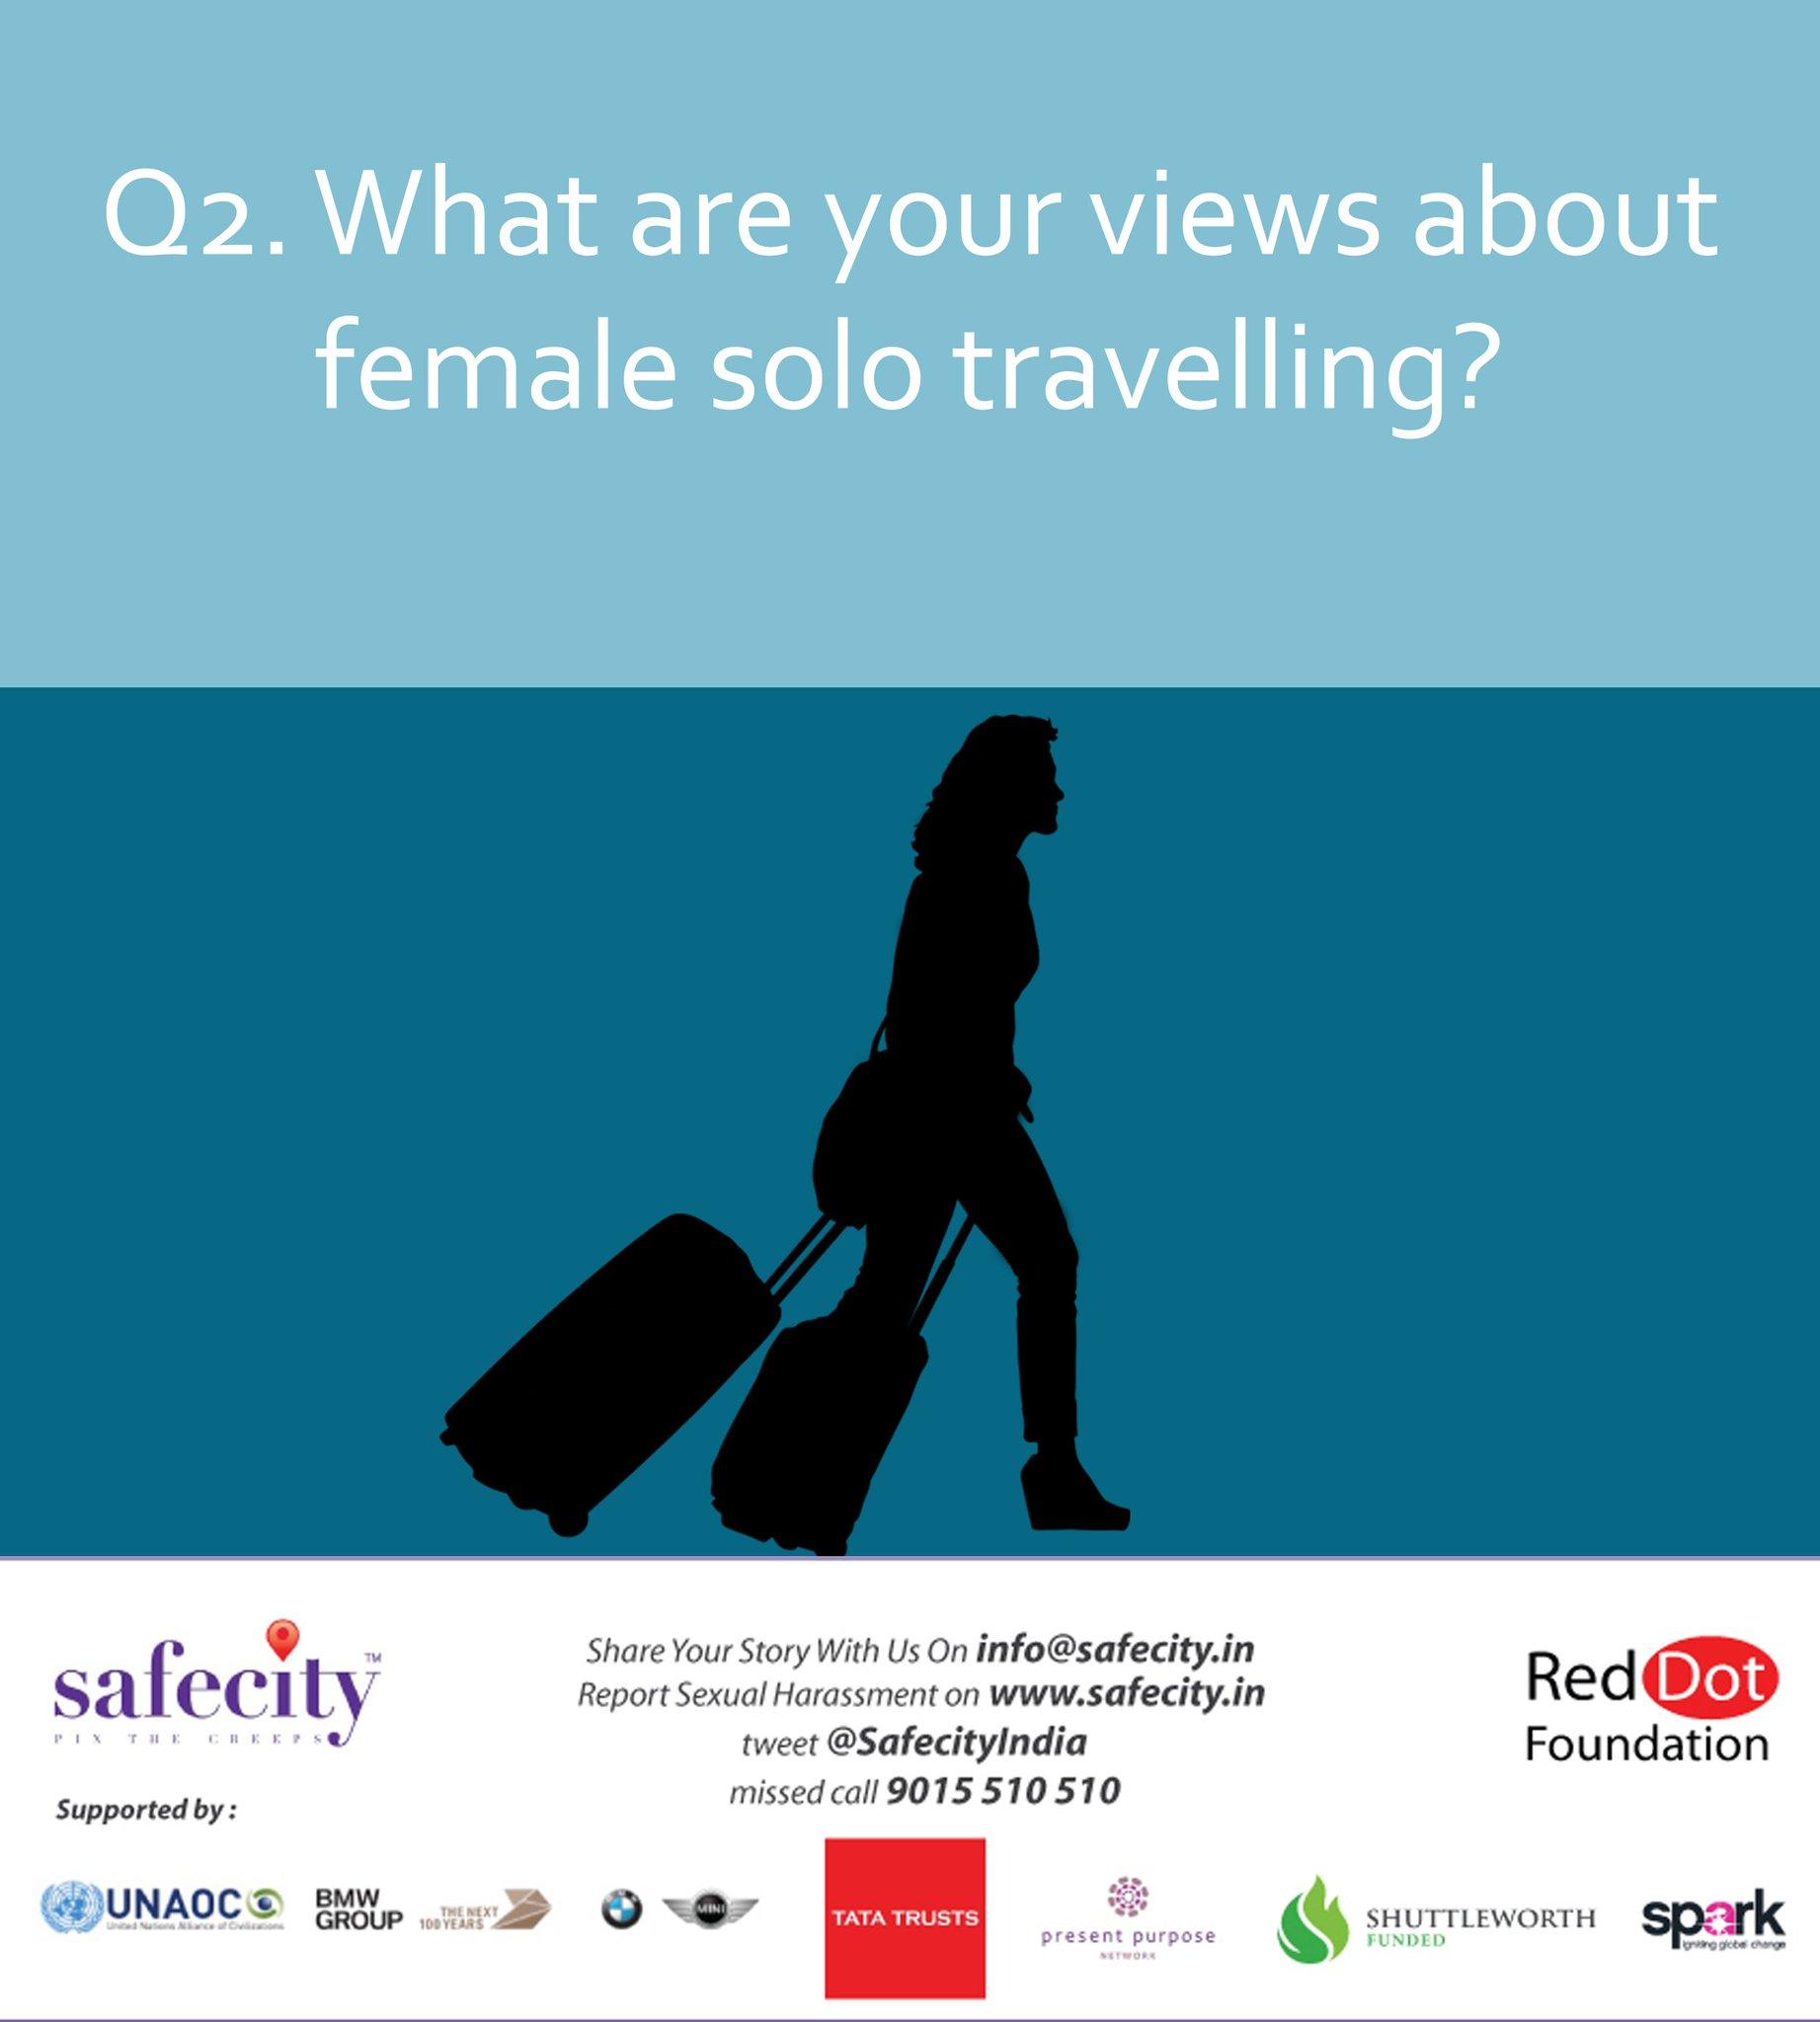 Second question. #solotravel #safety https://t.co/3lpZgPpXZK